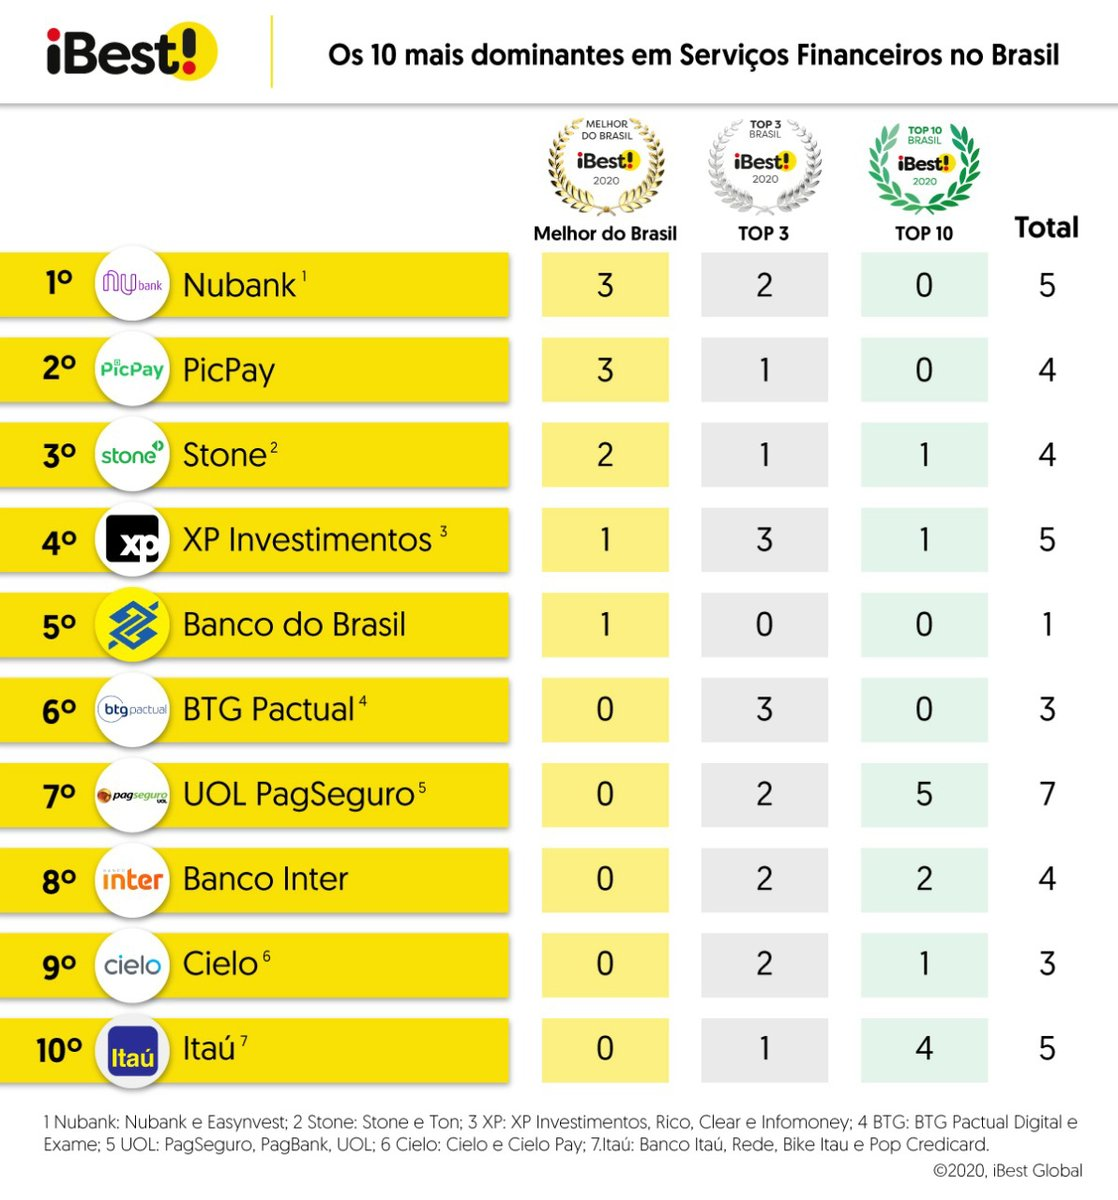 Confira as iniciativas de Serviços Financeiros mais dominantes da internet brasileira.  Mais dominantes são as que lideram um maior número de categorias do iBest.   Em Serviços Financeiros, Nubank é o grupo mais dominante, seguido de PicPay e Stone.